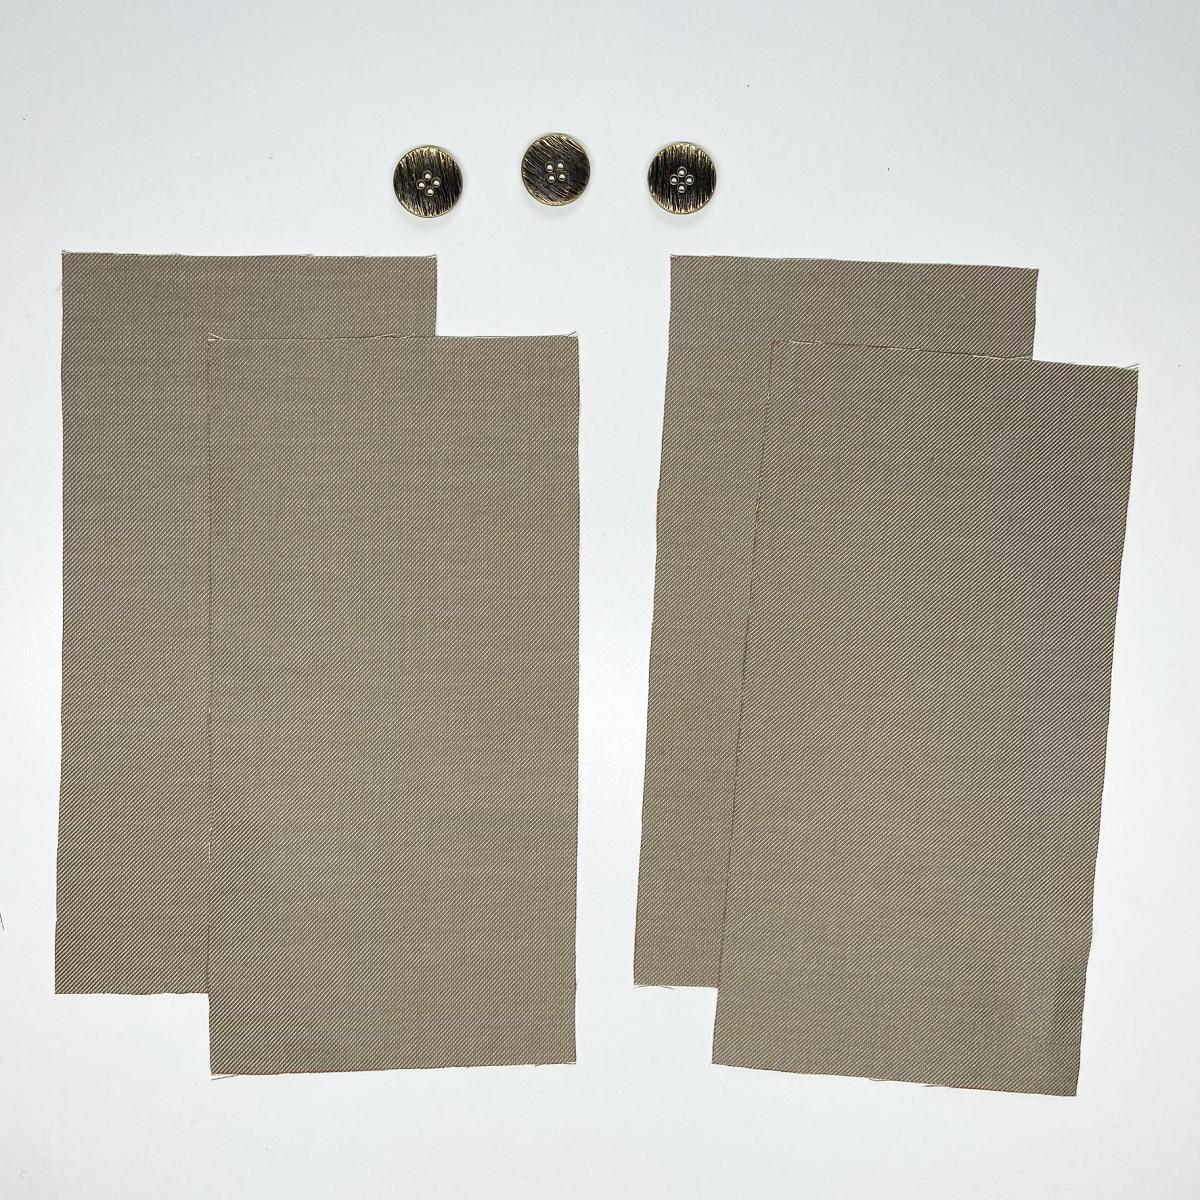 button placket pieces